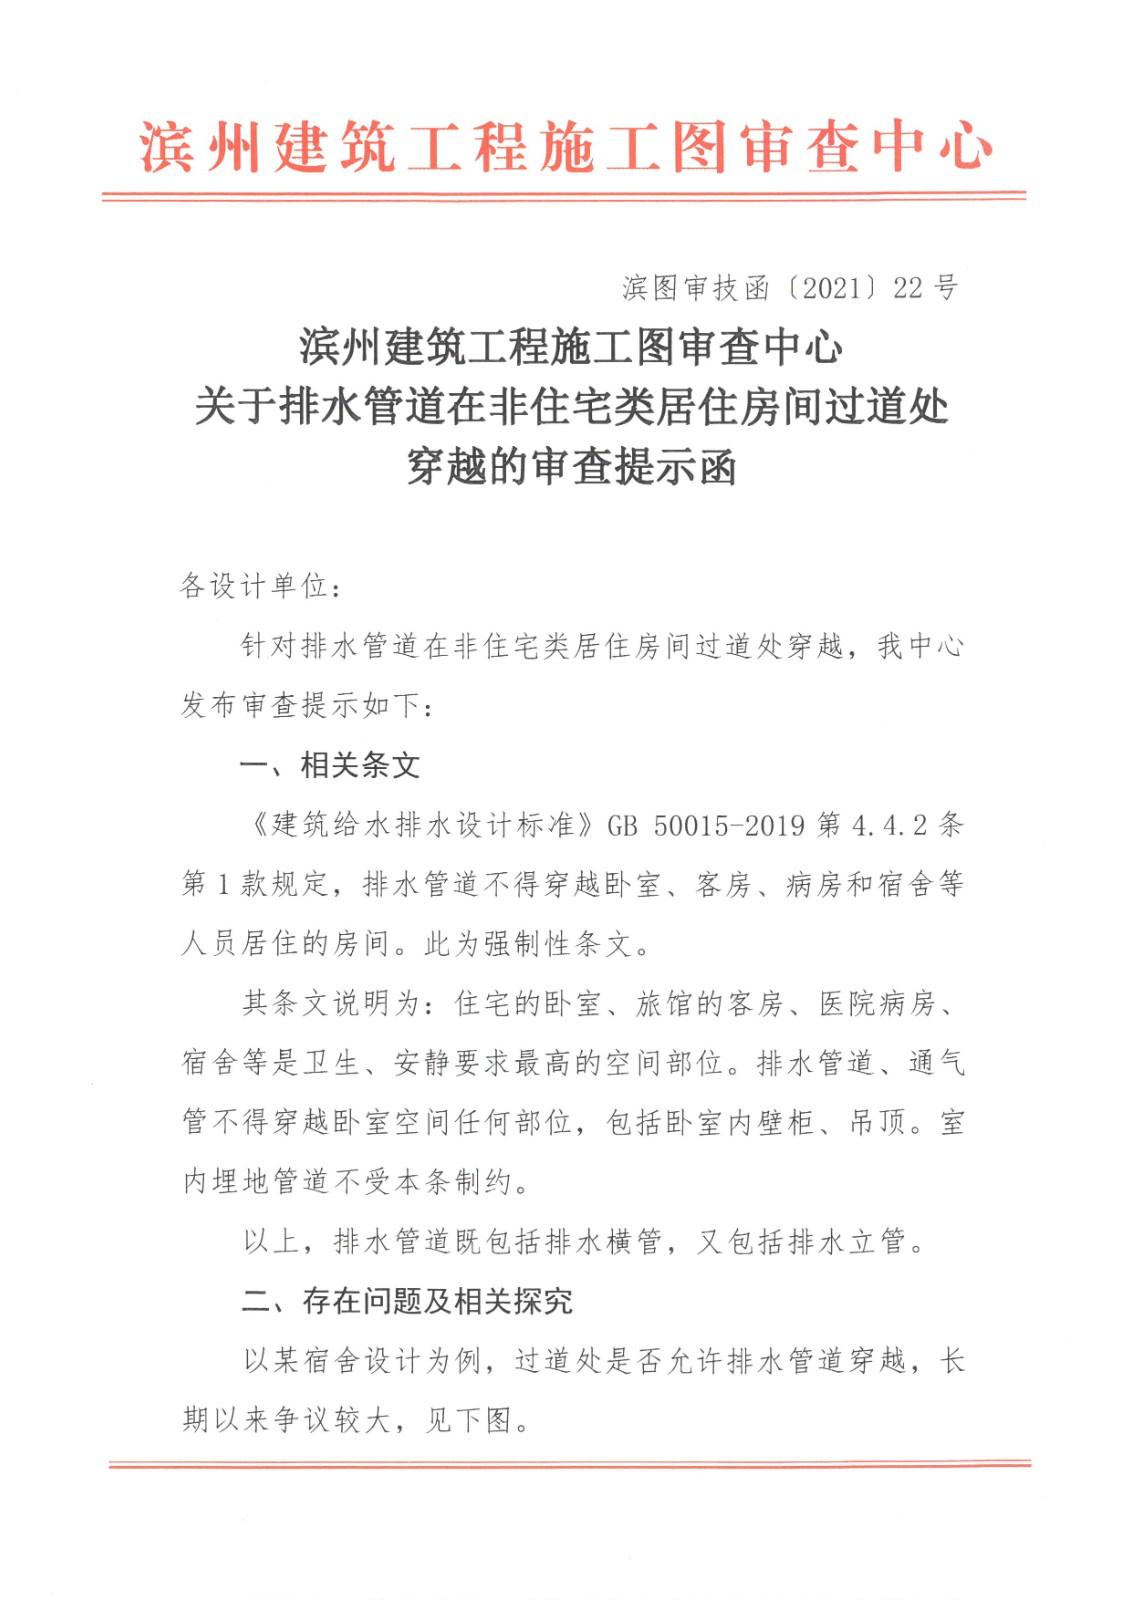 滨州建筑工程施工图审查中心关于排水管道在非住宅类居住房间过道穿越的审查提示函 (1).jpg